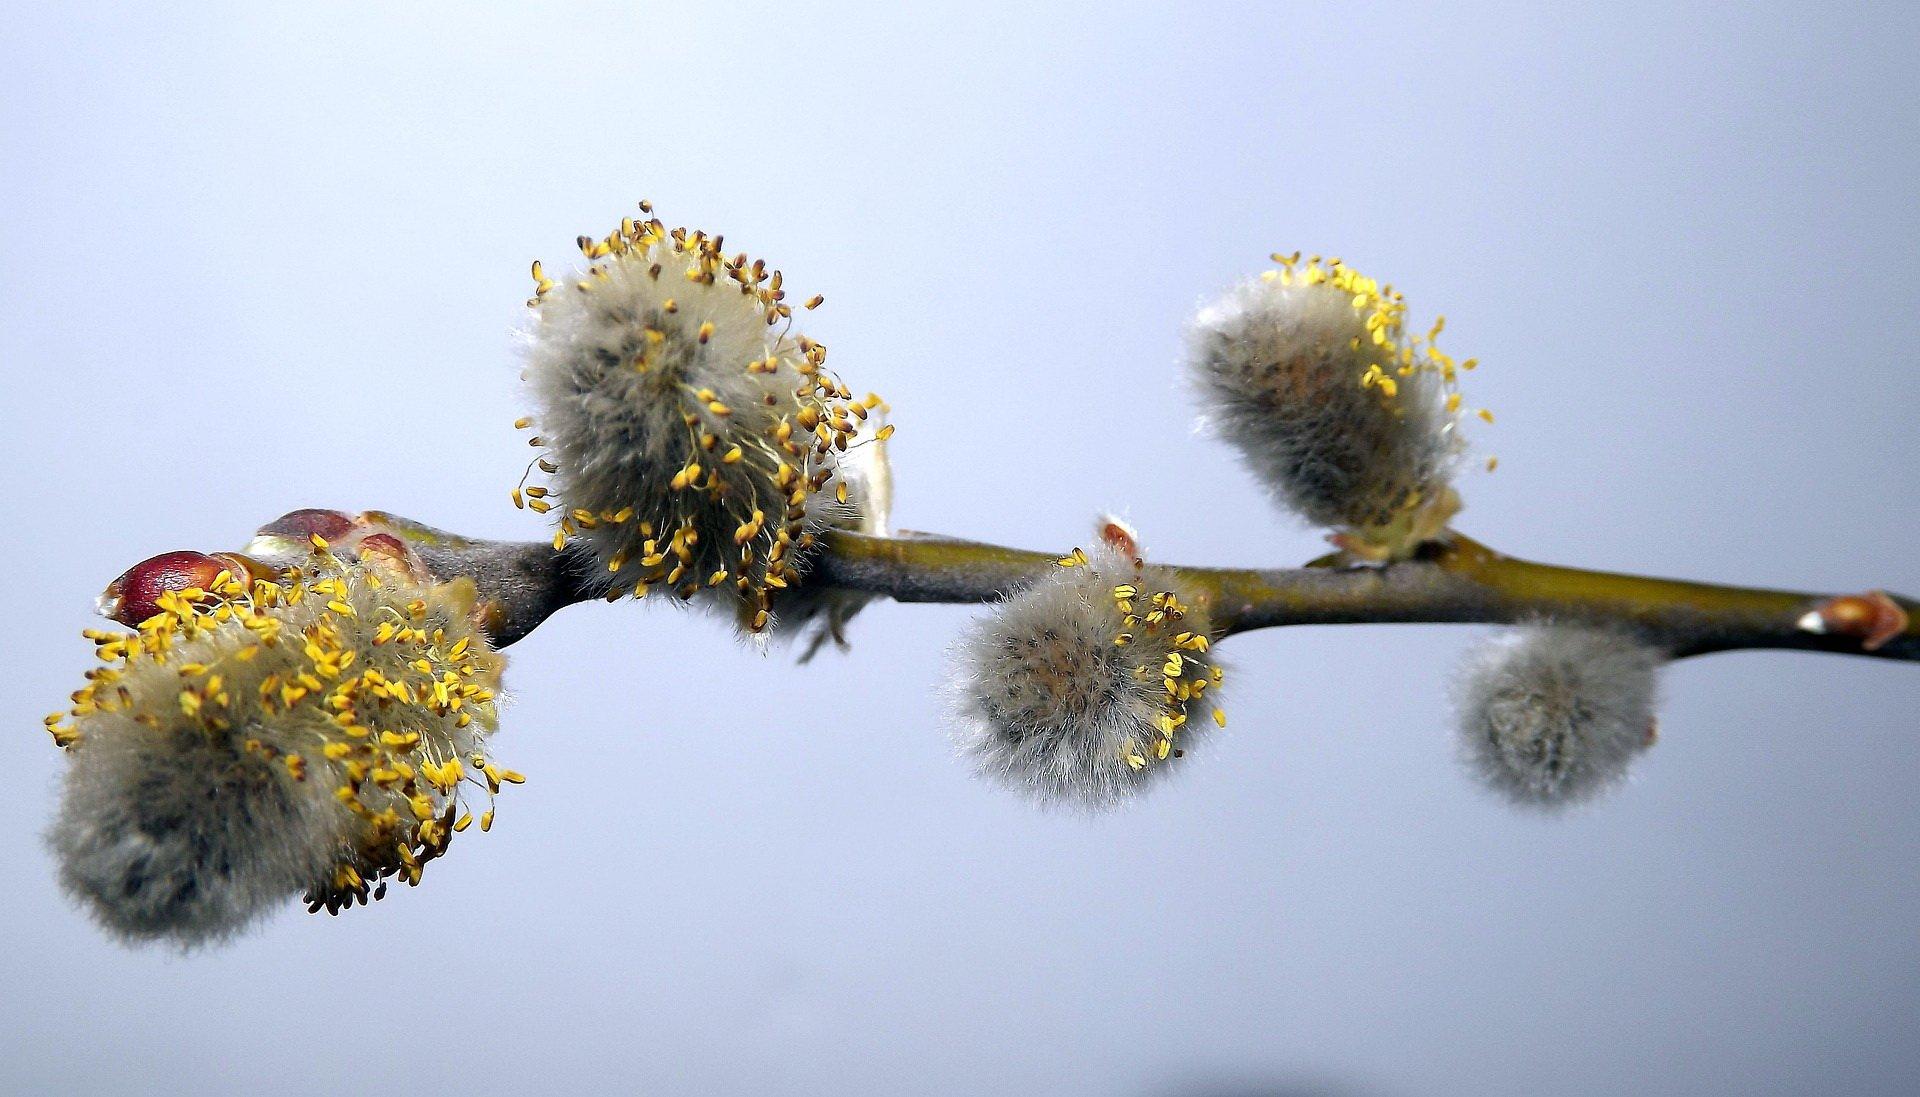 wierszyk dla dzieci bazie Wierzbowe gałązki teksty na powitanie wiosny